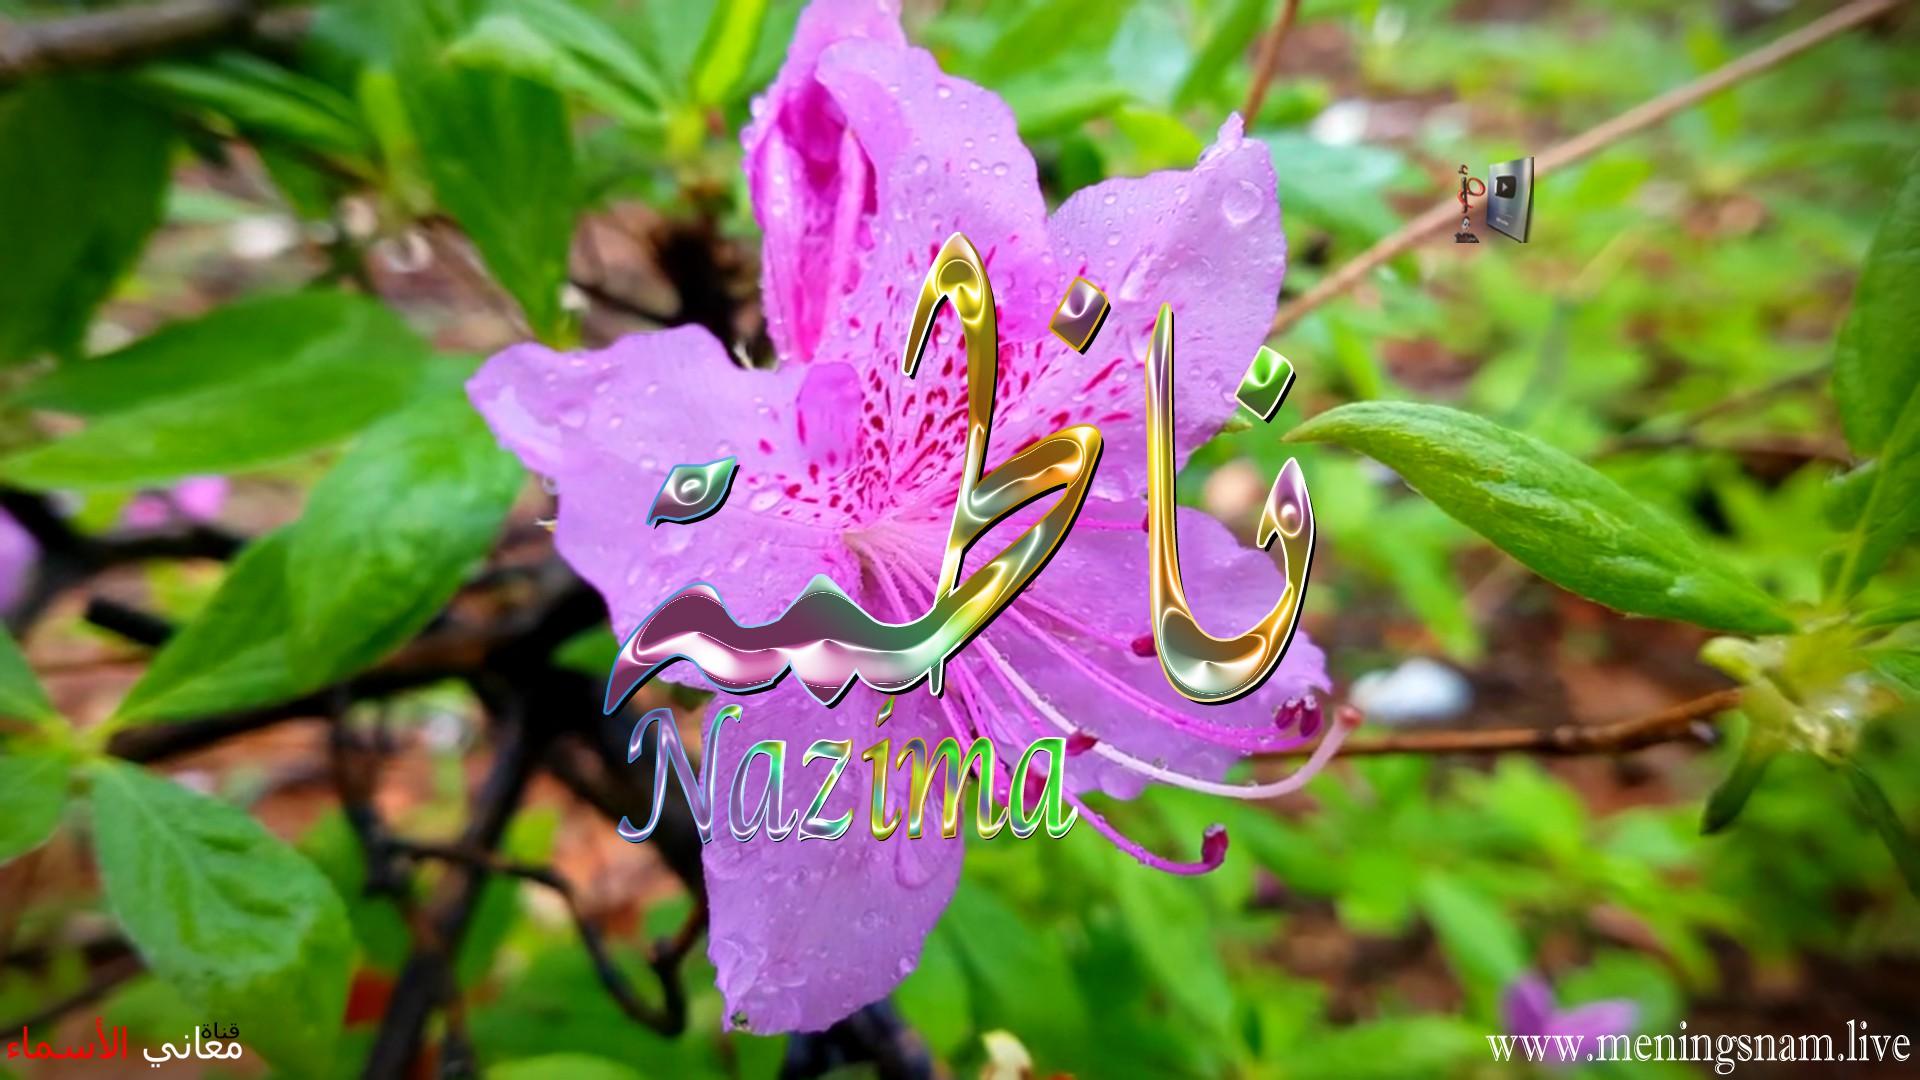 معنى اسم ناظمة وصفات حاملة هذا الاسم Nazima